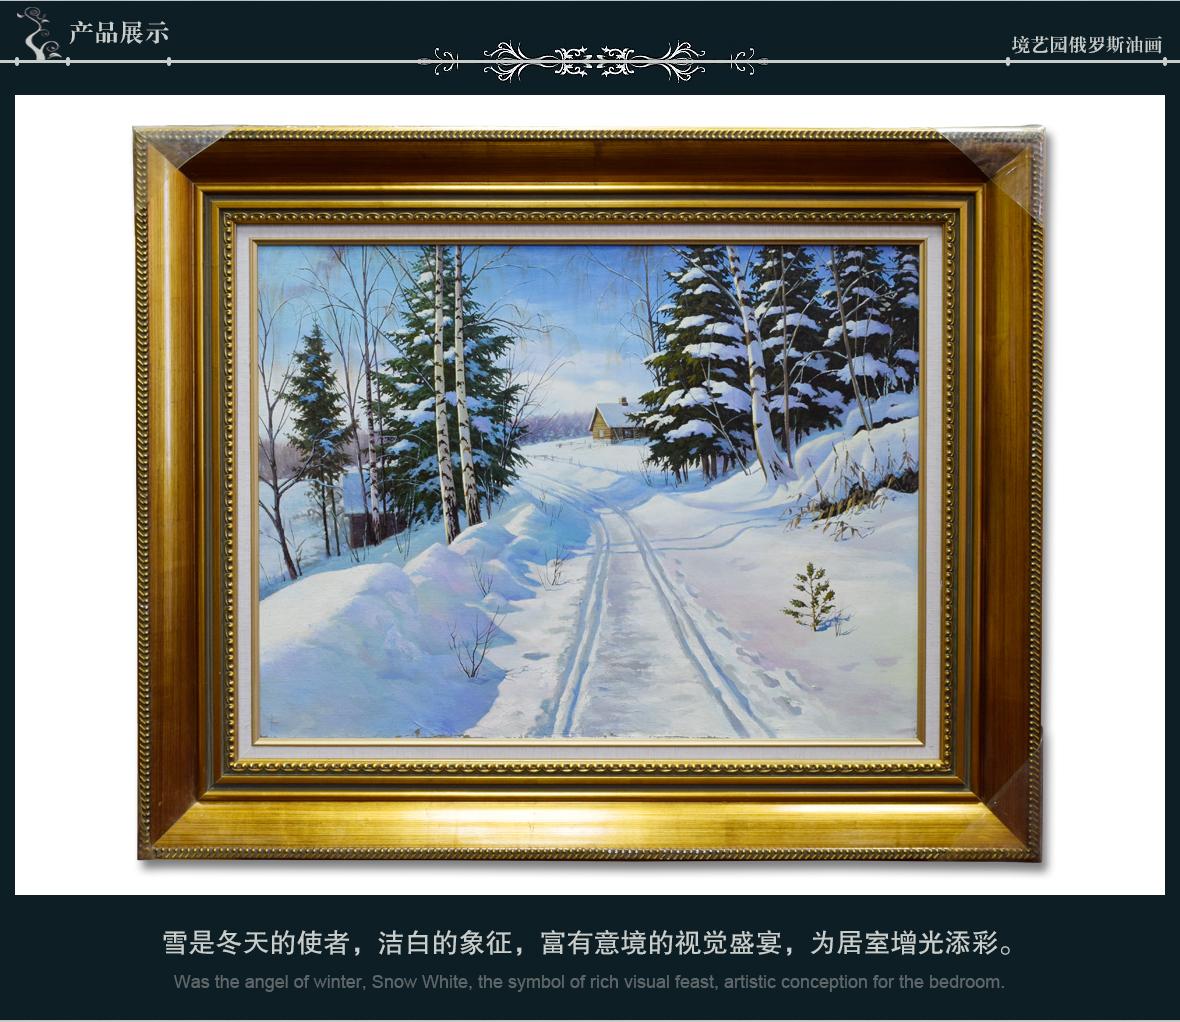 境艺园俄罗斯油画 W346型号俄罗斯进口亚麻主材风景雪景 展示